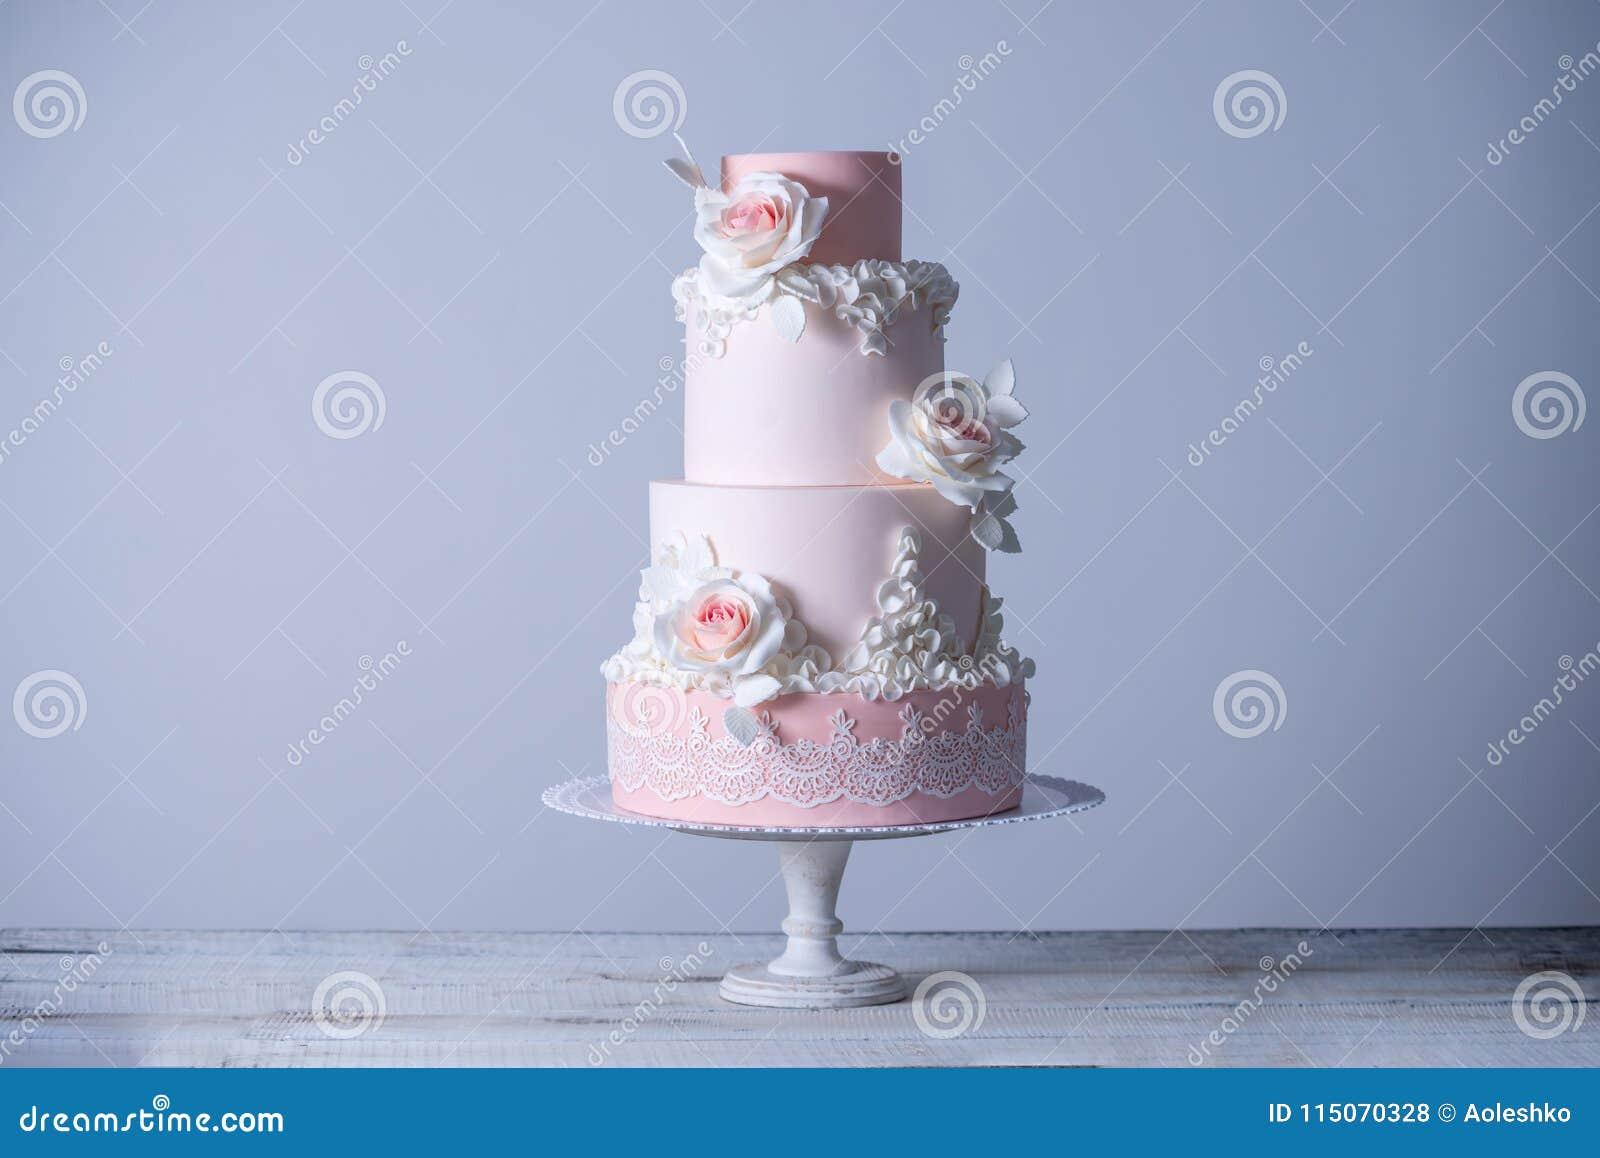 Blüht die abgestufte rosa Hochzeitstorte schöne elegante vier, die mit Rosen verziert wird Konzept mit Blumen vom Zuckermastix